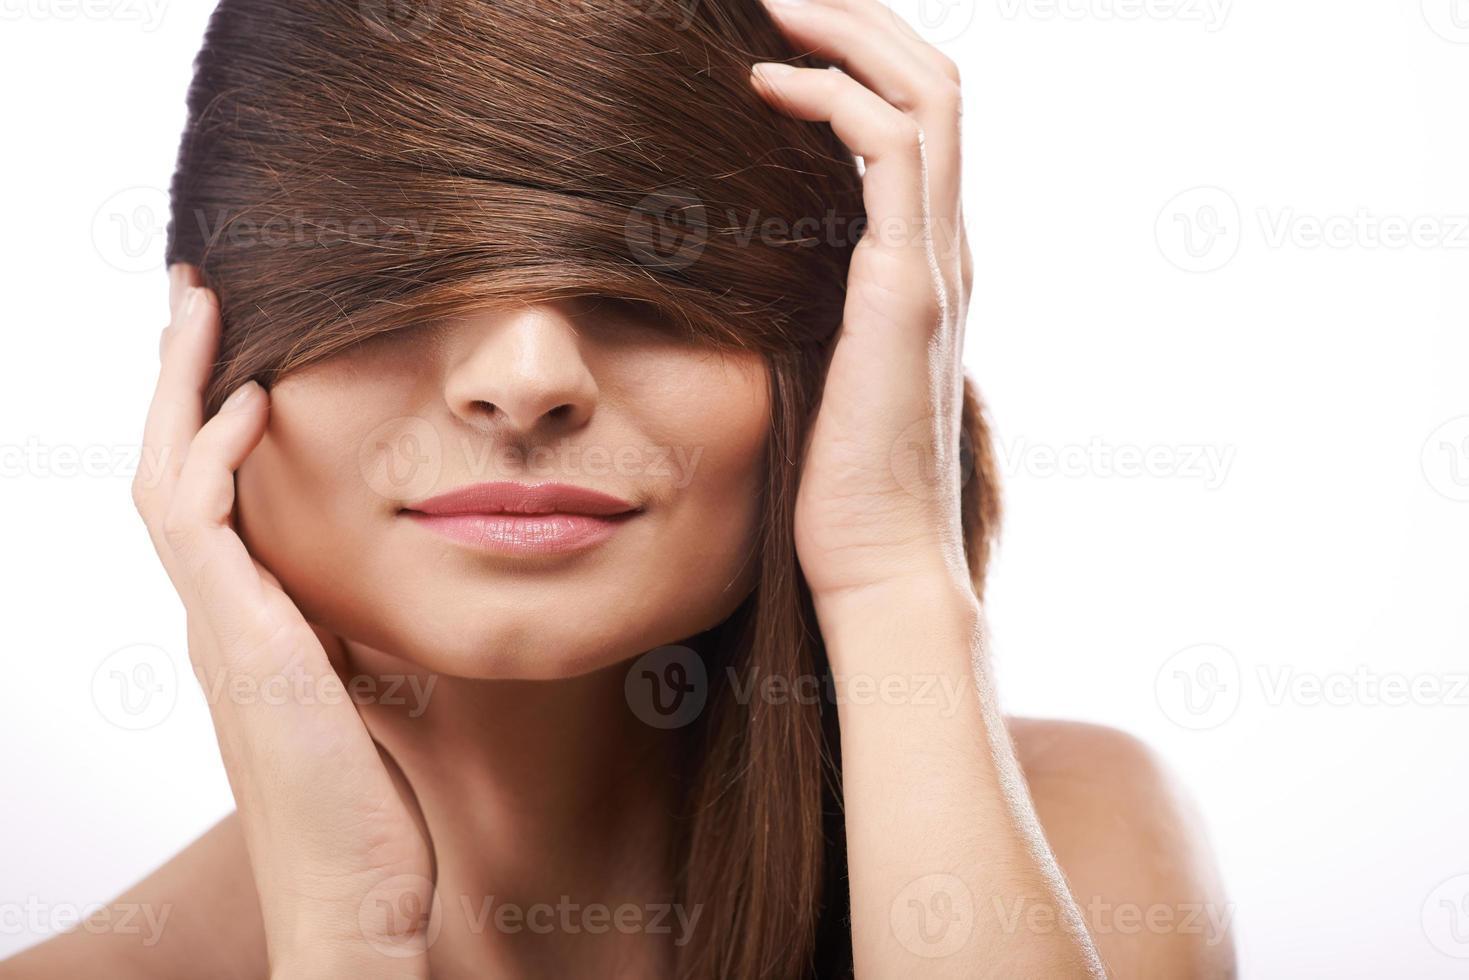 Augen mit Haaren bedecken foto